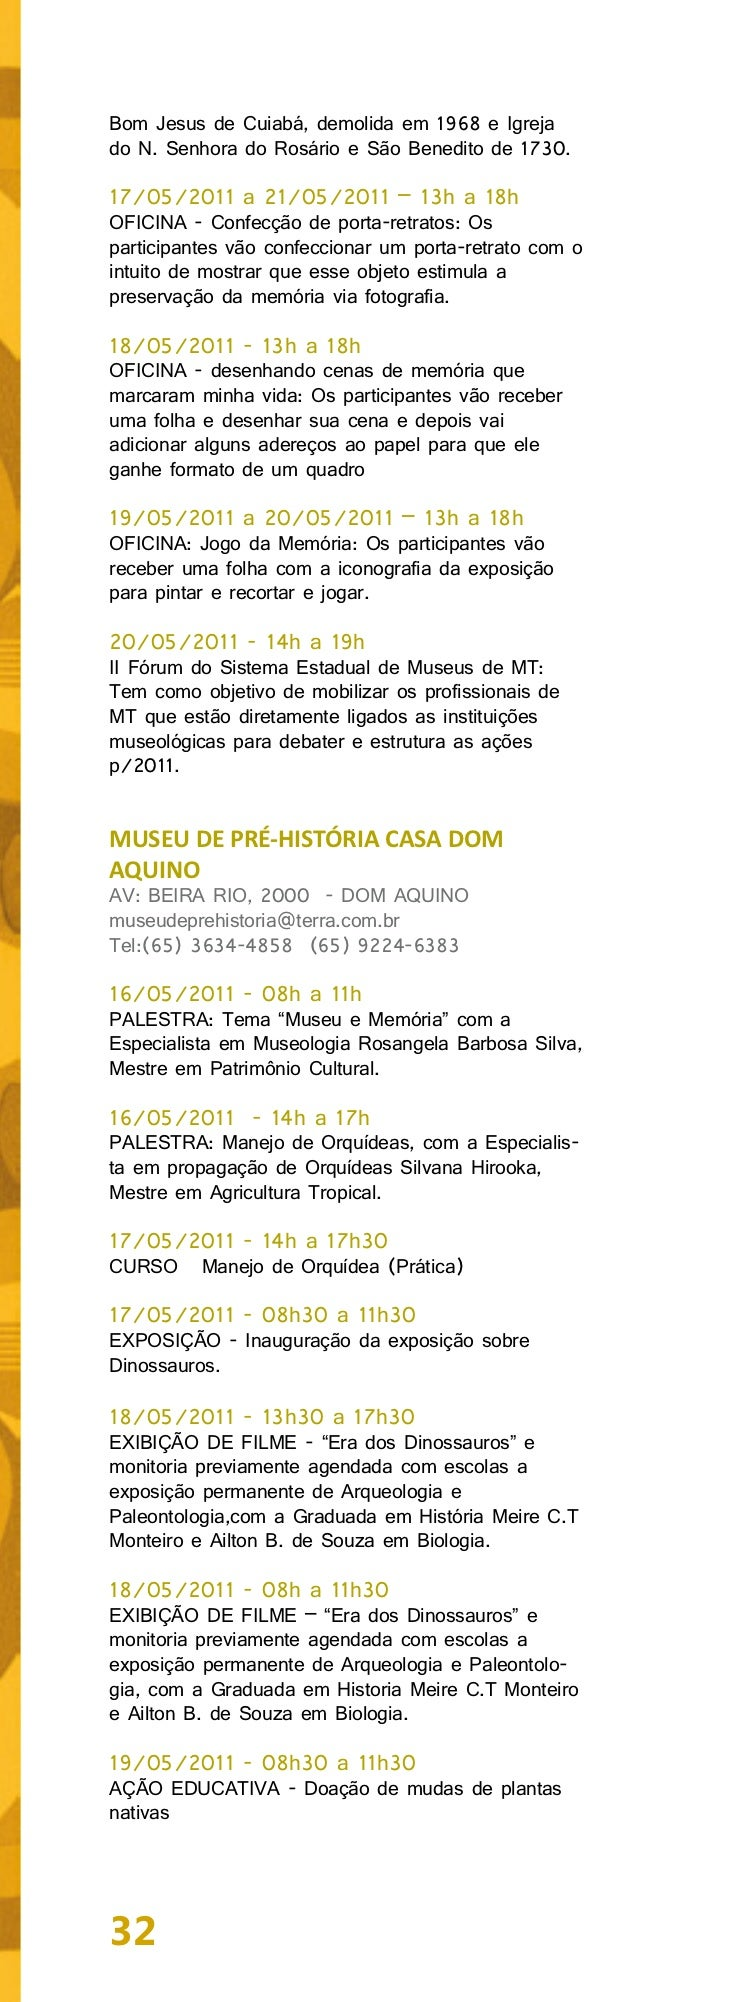 19/05/2011 - 13h30 a 17h30AÇÃO EDUCATIVA - Doação de mudas de plantasnativas20/05/2011 - 13h30 a 17h30EXIBIÇÃO DE FILME - ...